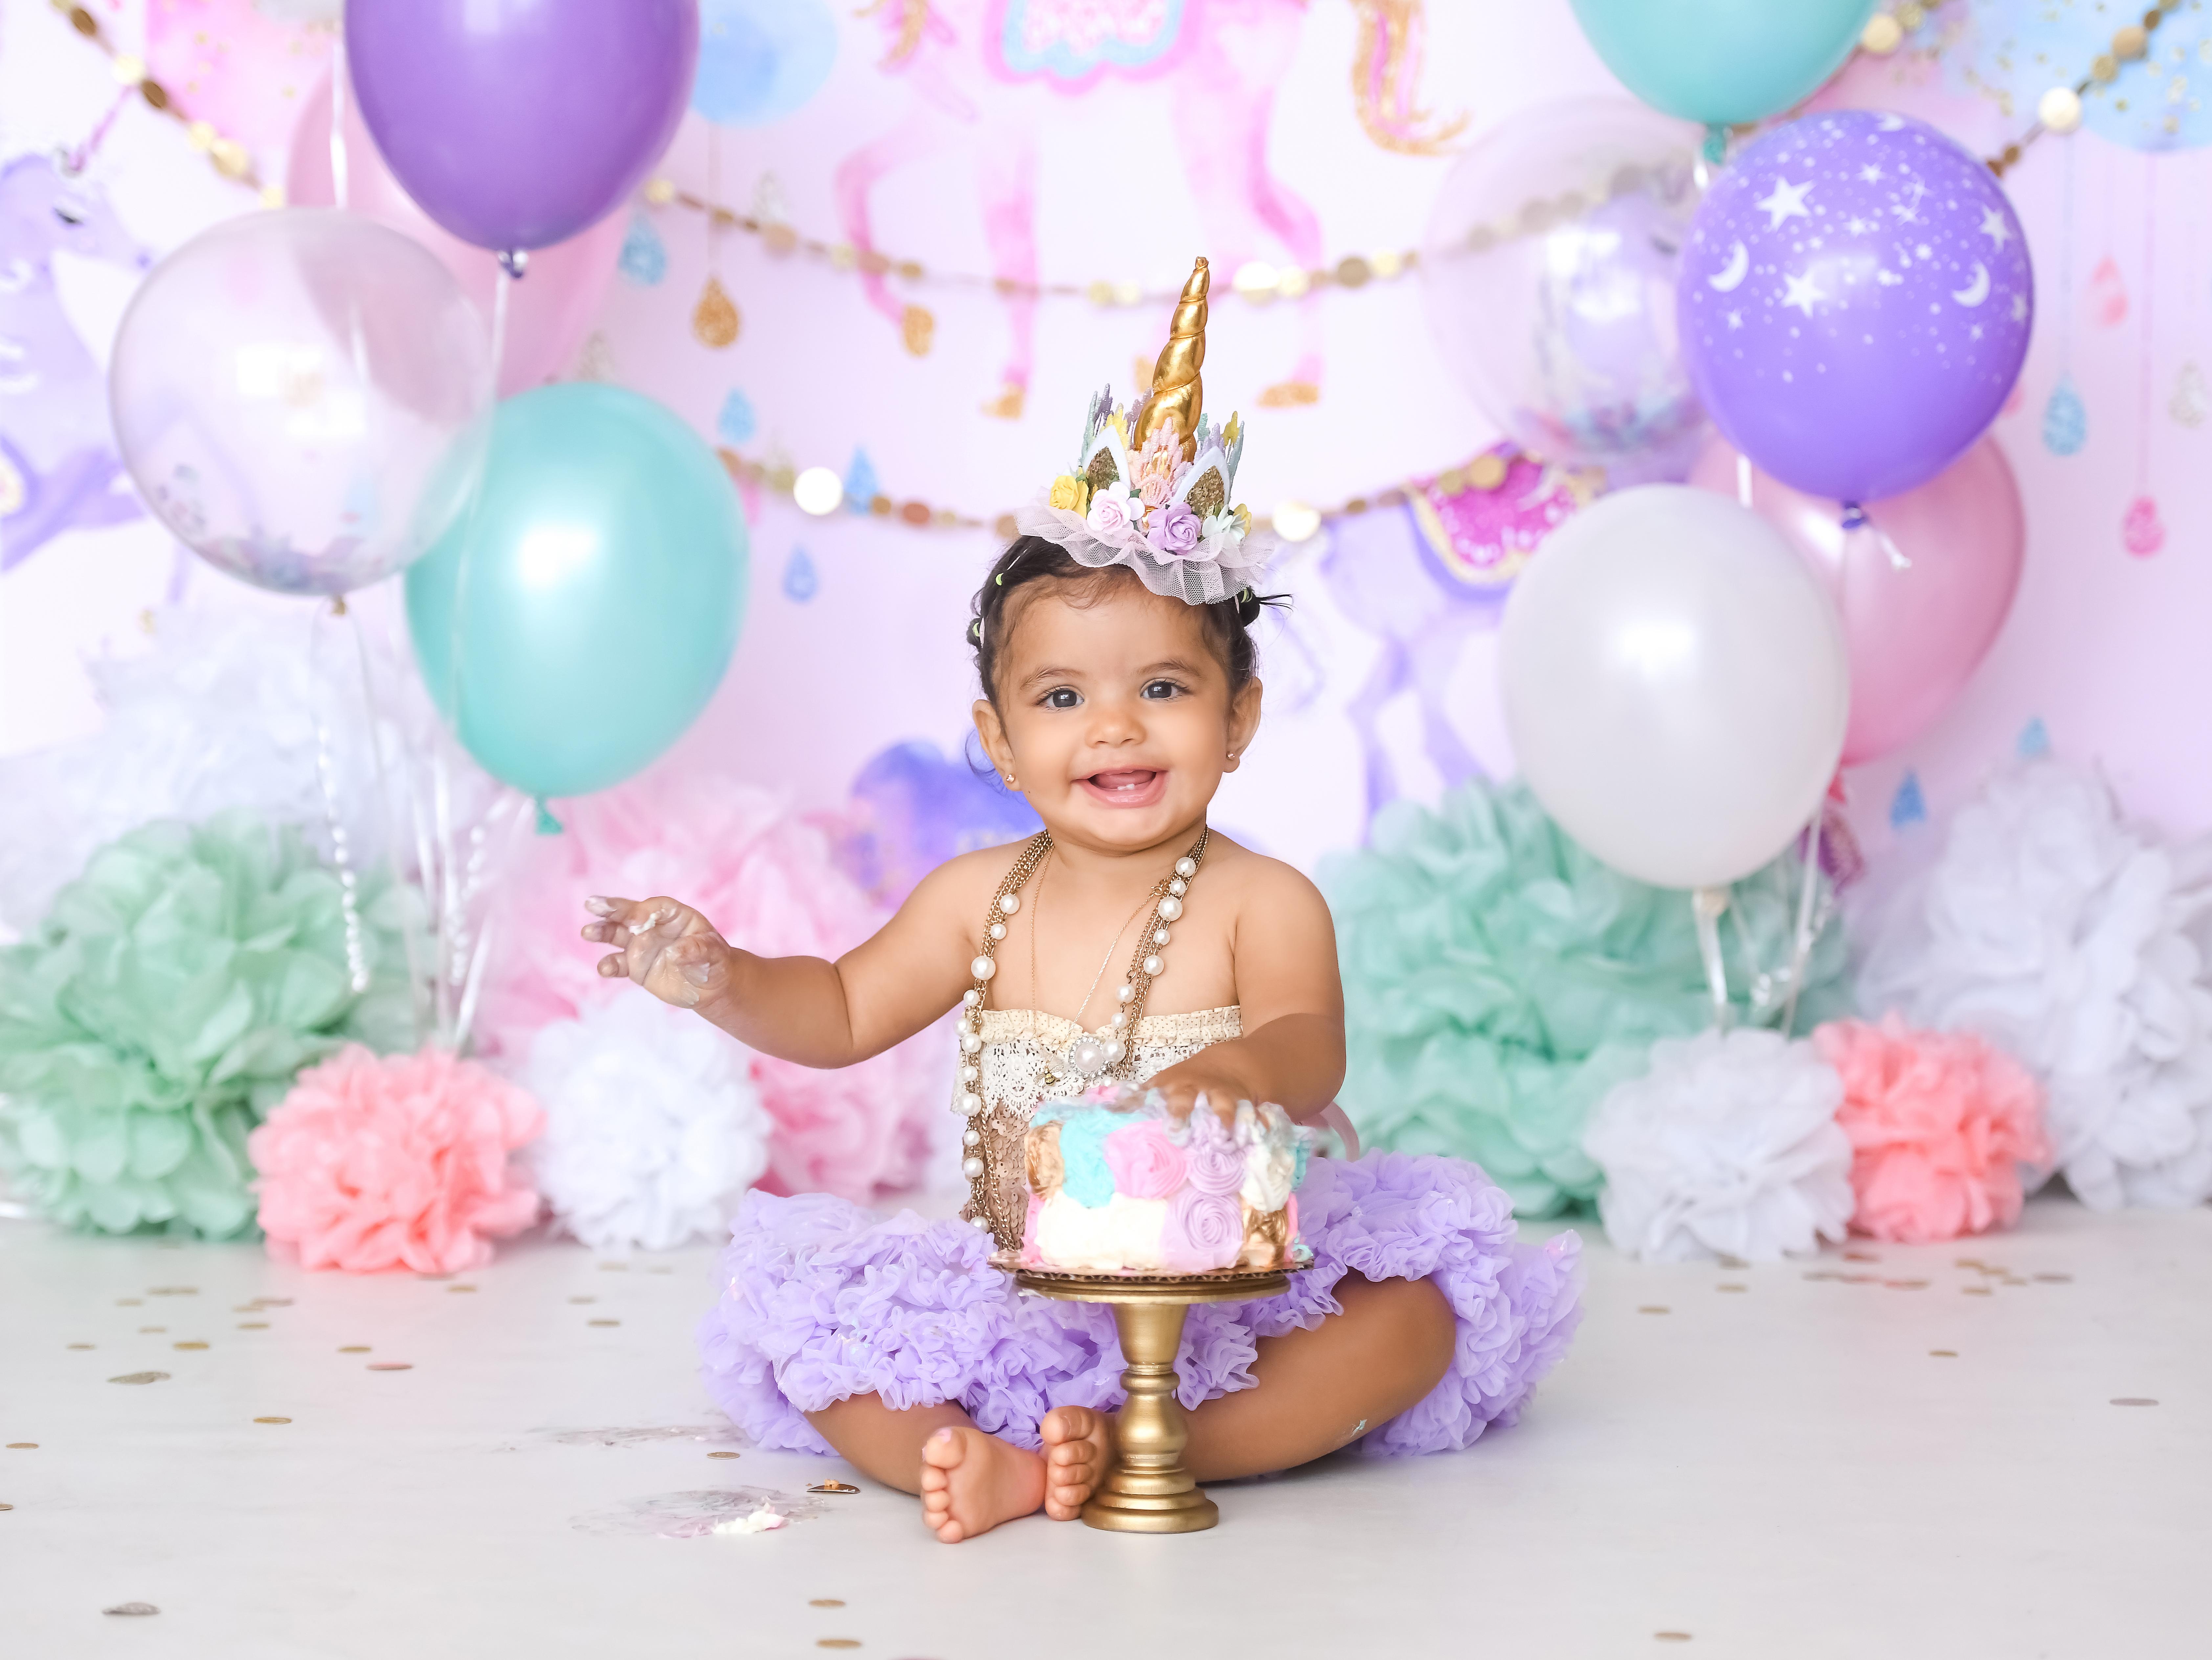 Astonishing Unicorn First Birthday Cake Smash Los Angeles Based Photo Studio Personalised Birthday Cards Xaembasilily Jamesorg